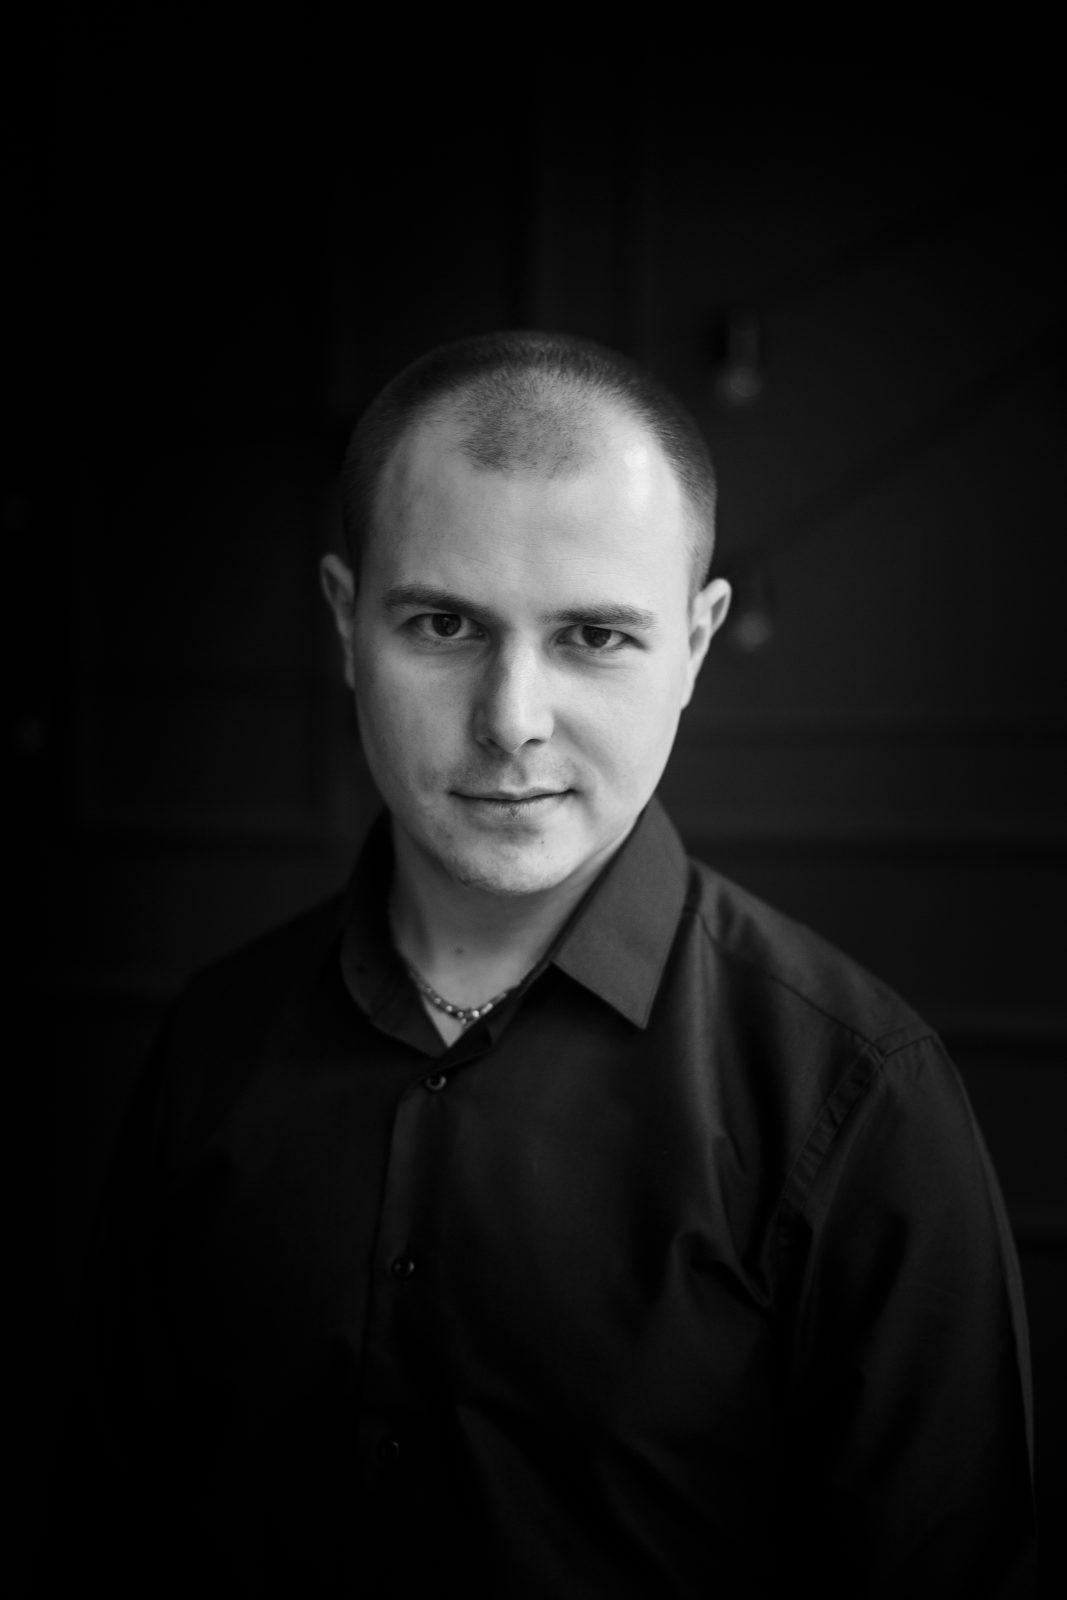 Oleh Oleksandrovych Kalinichenko